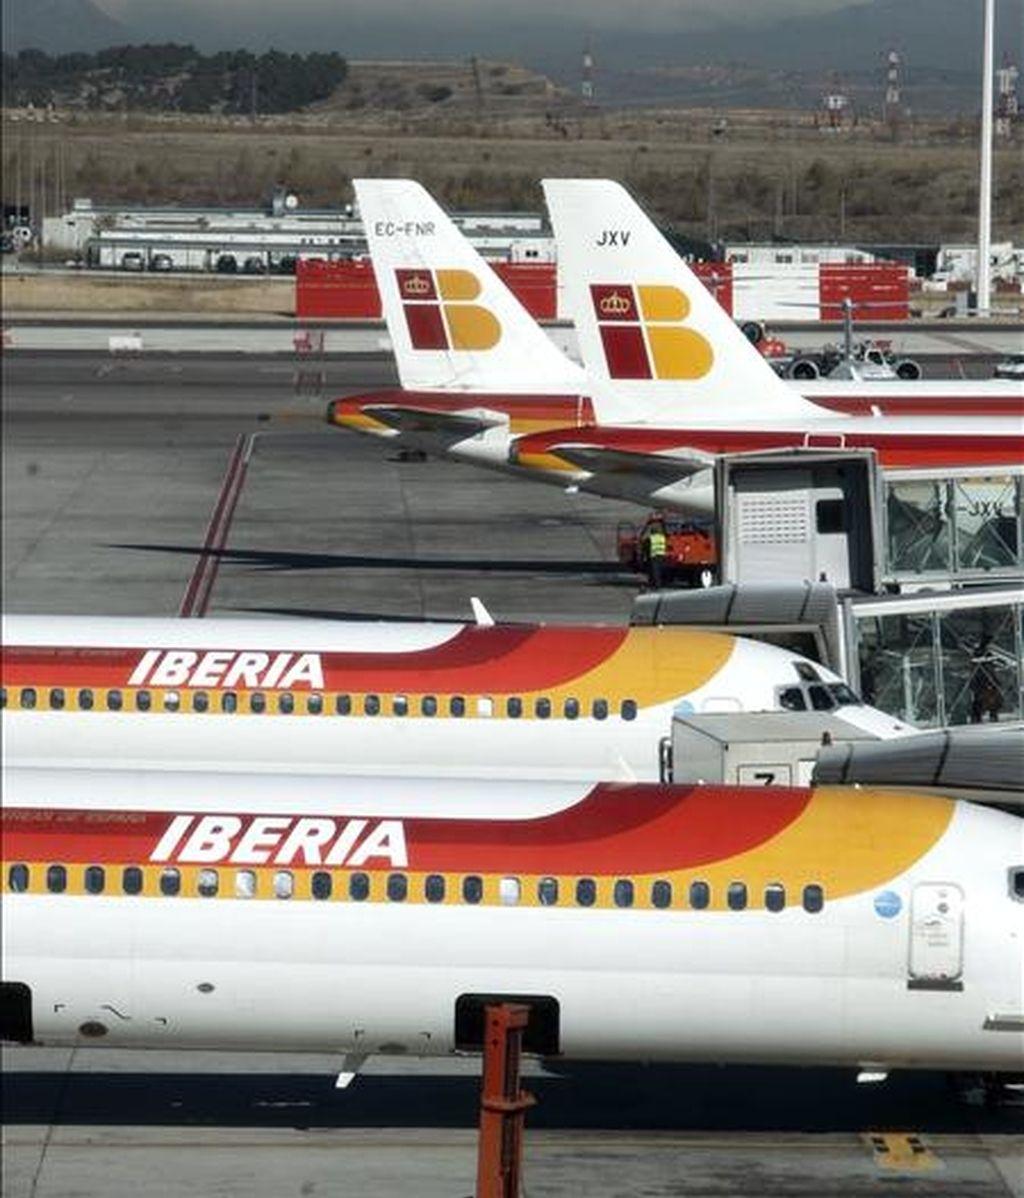 El consejo de administración de la aerolínea española Iberia decidió hoy renunciar a su derecho a rescindir el contrato de fusión con British Airways si no quedaba satisfecha con el acuerdo alcanzado entre la empresa británica y los administradores de los fondos de pensiones de sus empleados. EFE/Archivo